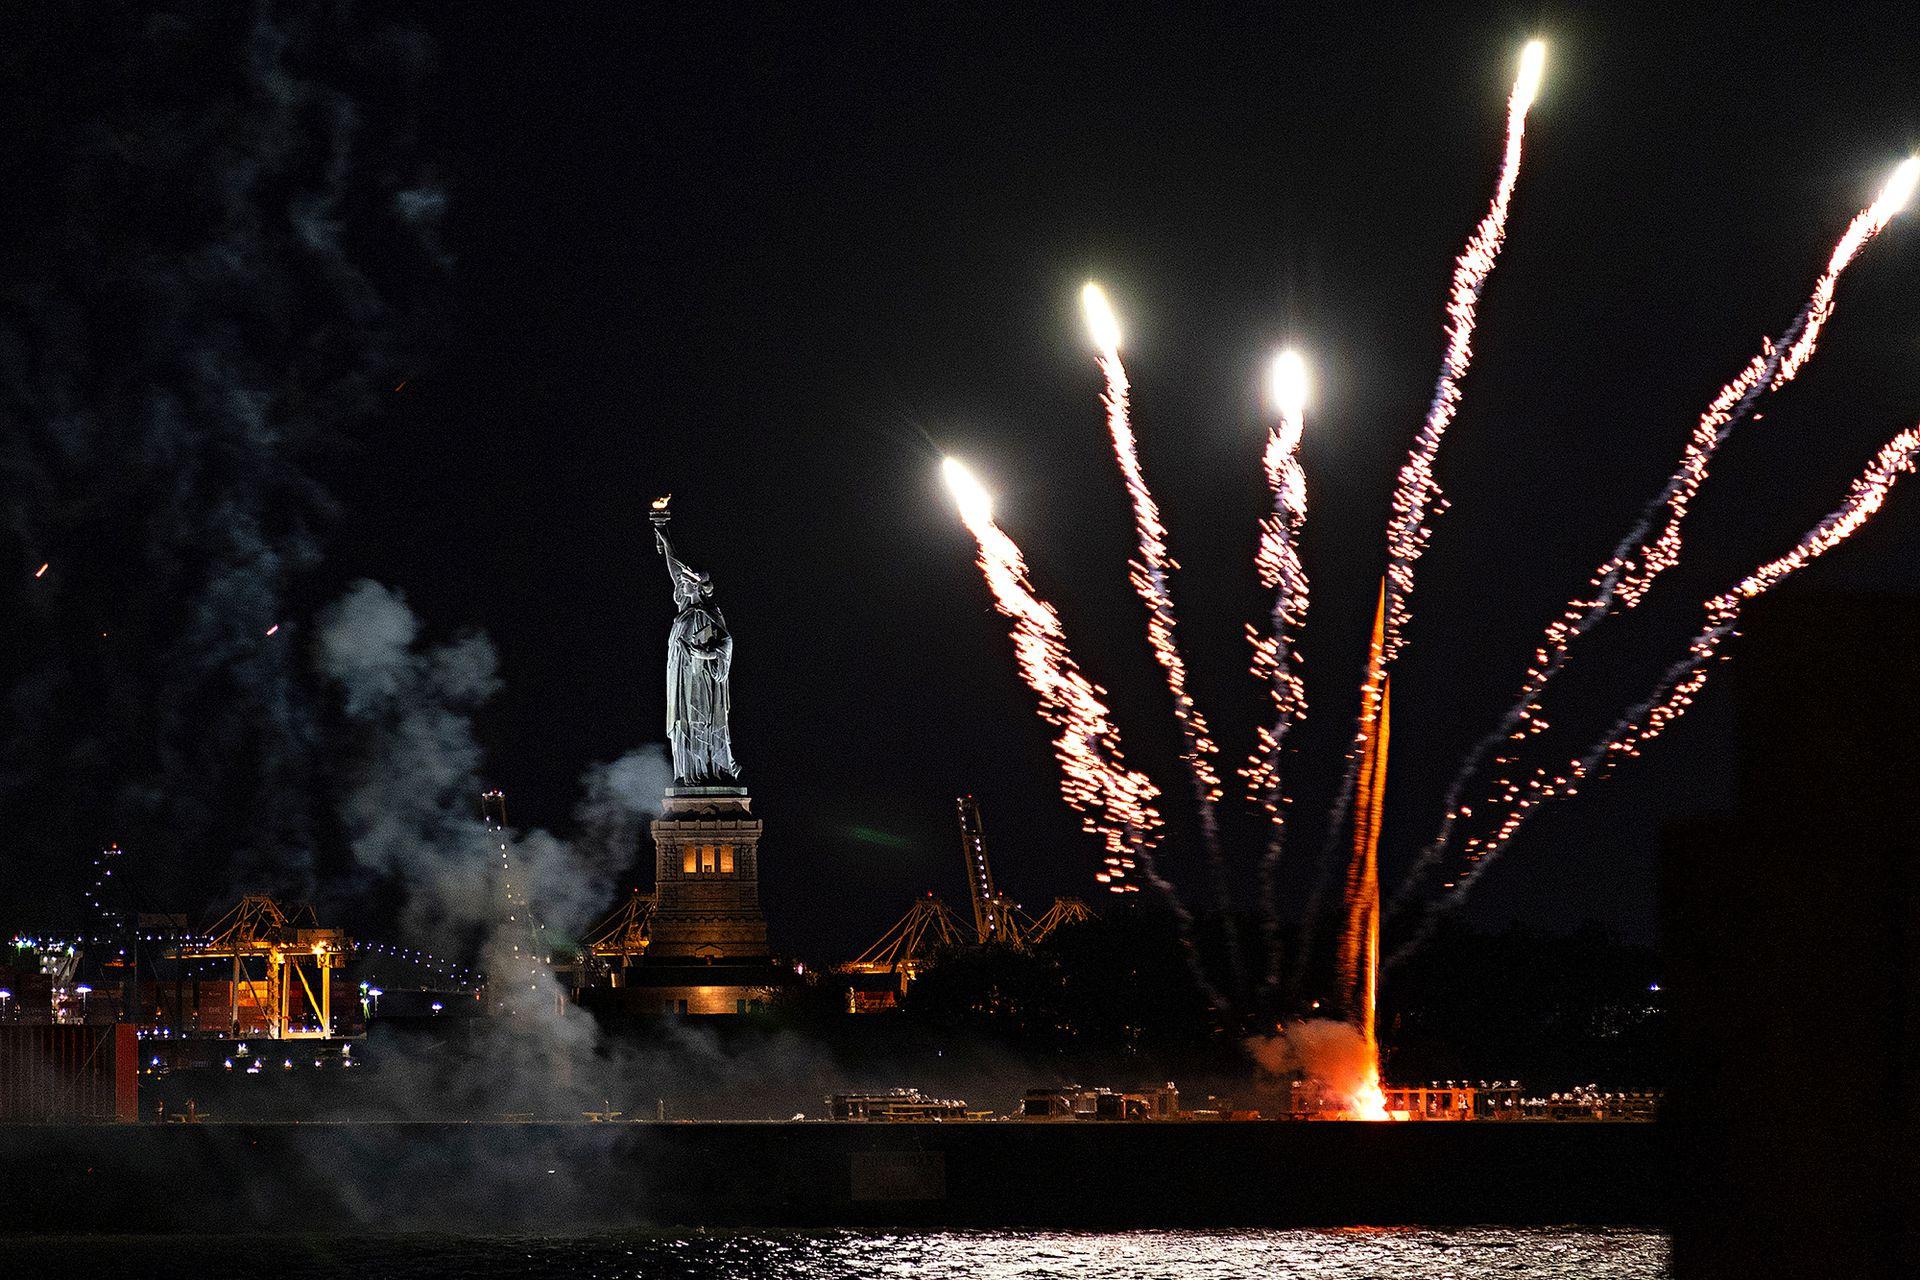 Los fuegos artificiales lanzados desde una barcaza iluminan el puerto de Nueva York y la Estatua de la Libertad